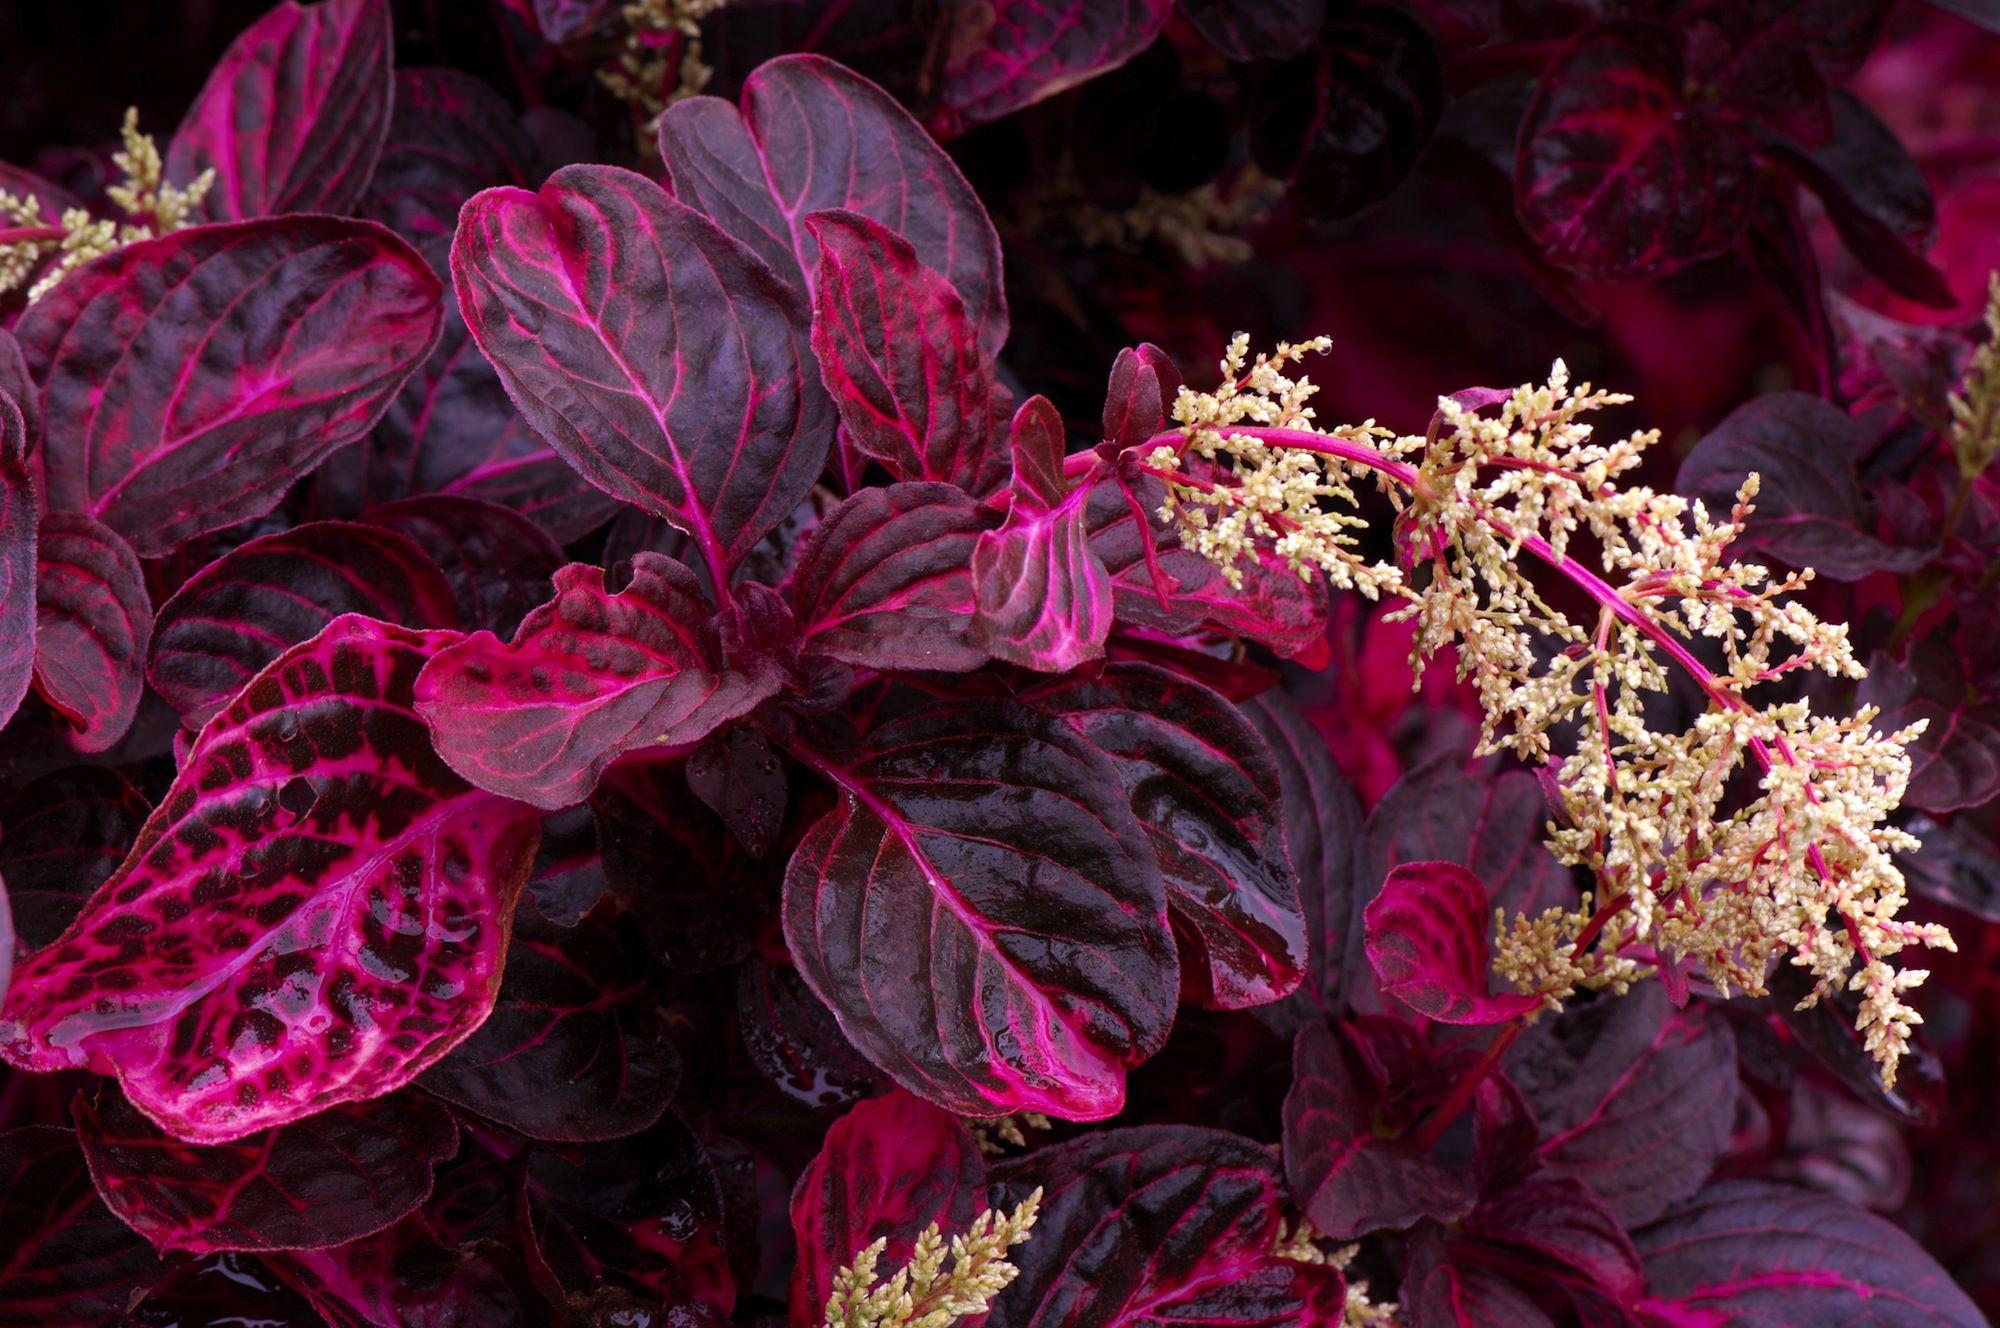 цветок с бордовыми листьями, мелкие белые цветки